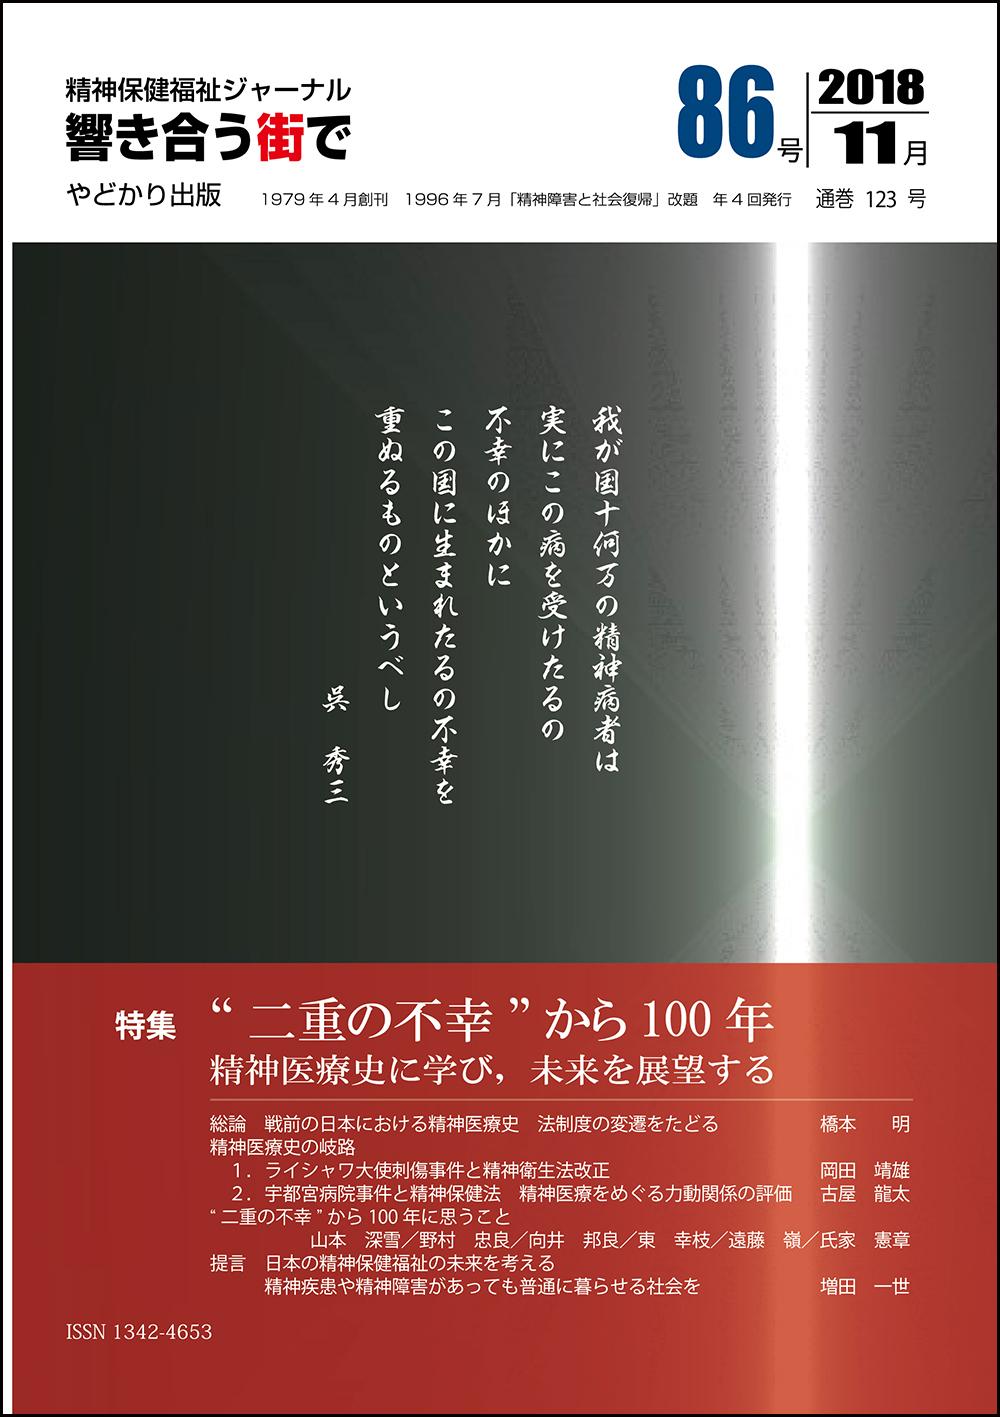 """響き合う街でNo.86 特集  """"二重の不幸""""から100年 精神医療史に学び,未来を展望する"""